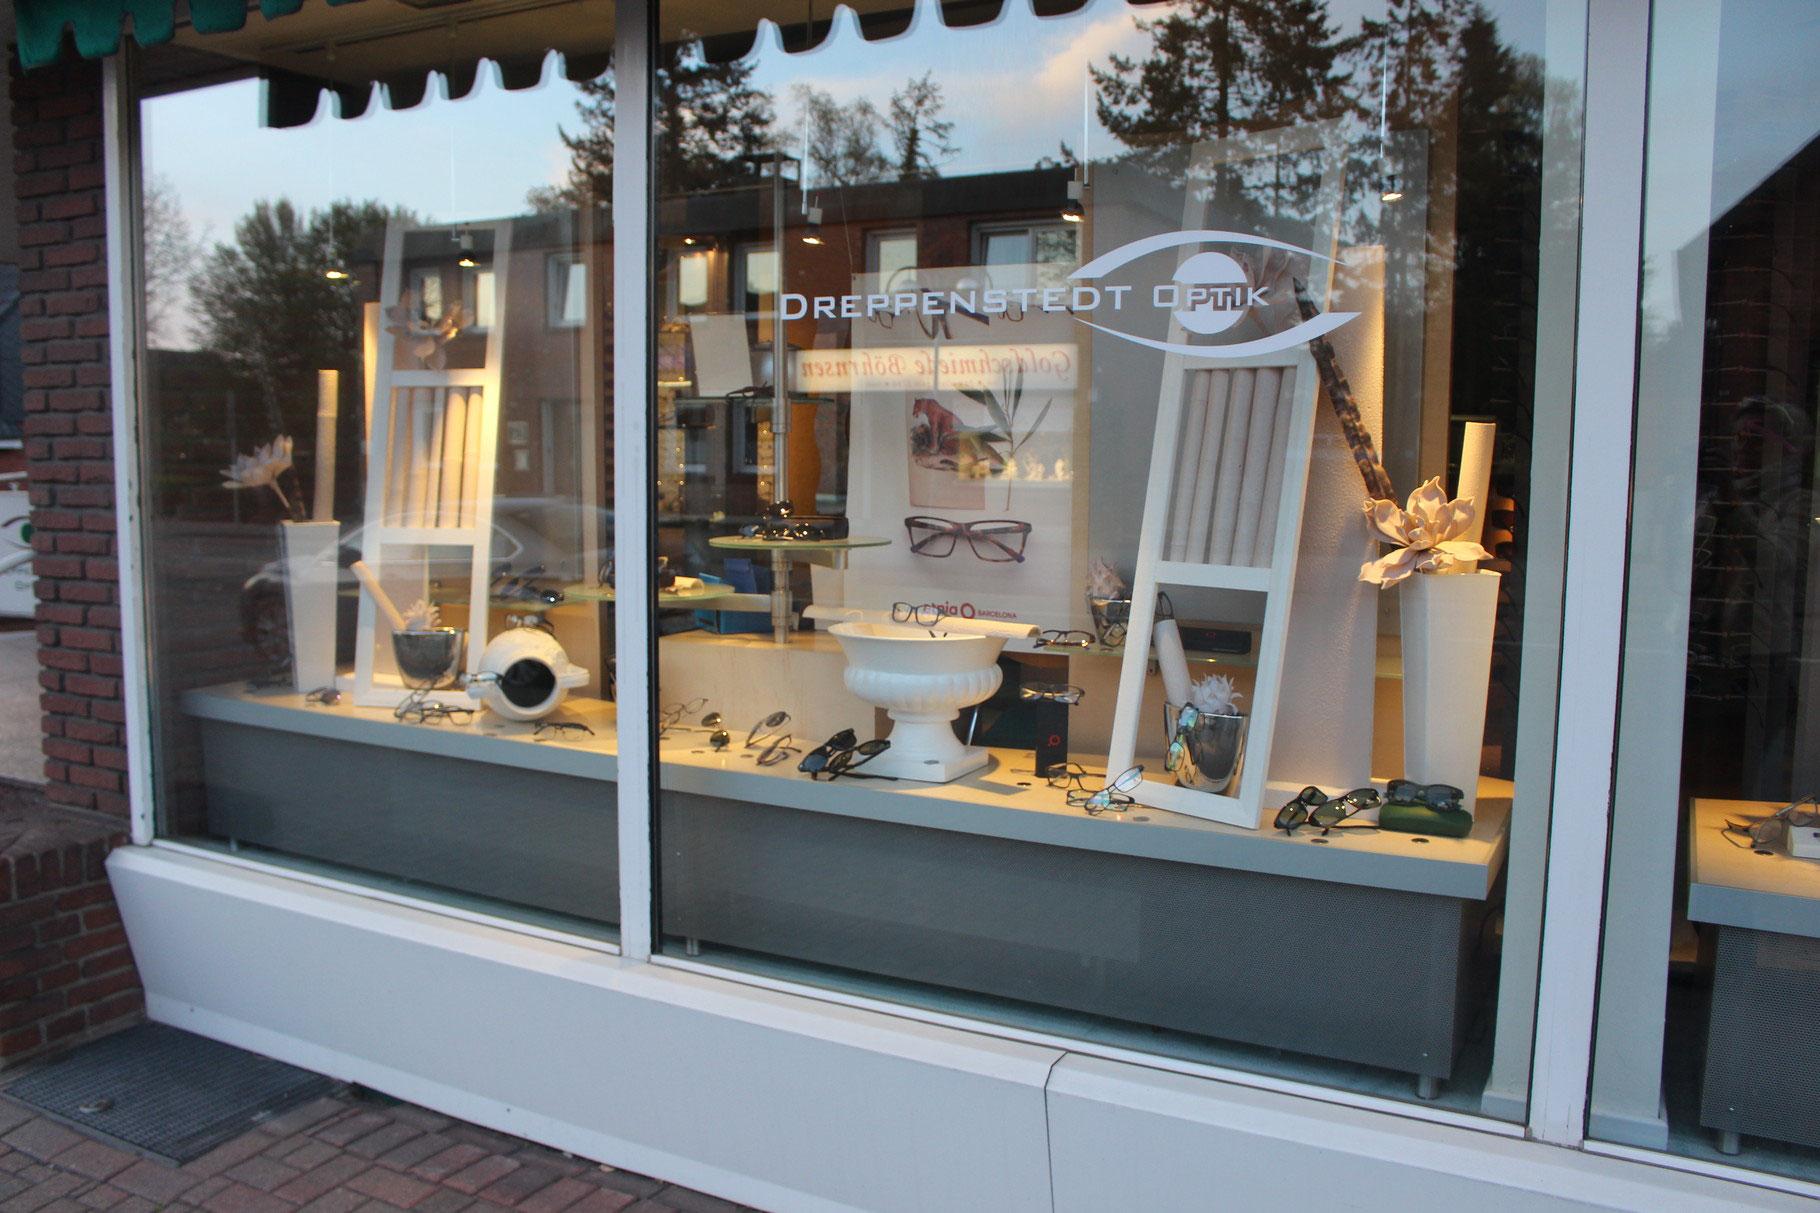 Wunderschön Schaufensterdekoration Beispiele Galerie Von Schaufenster- Und Werbegestaltung - Schaufensterdekoration, Visuelles Marketing